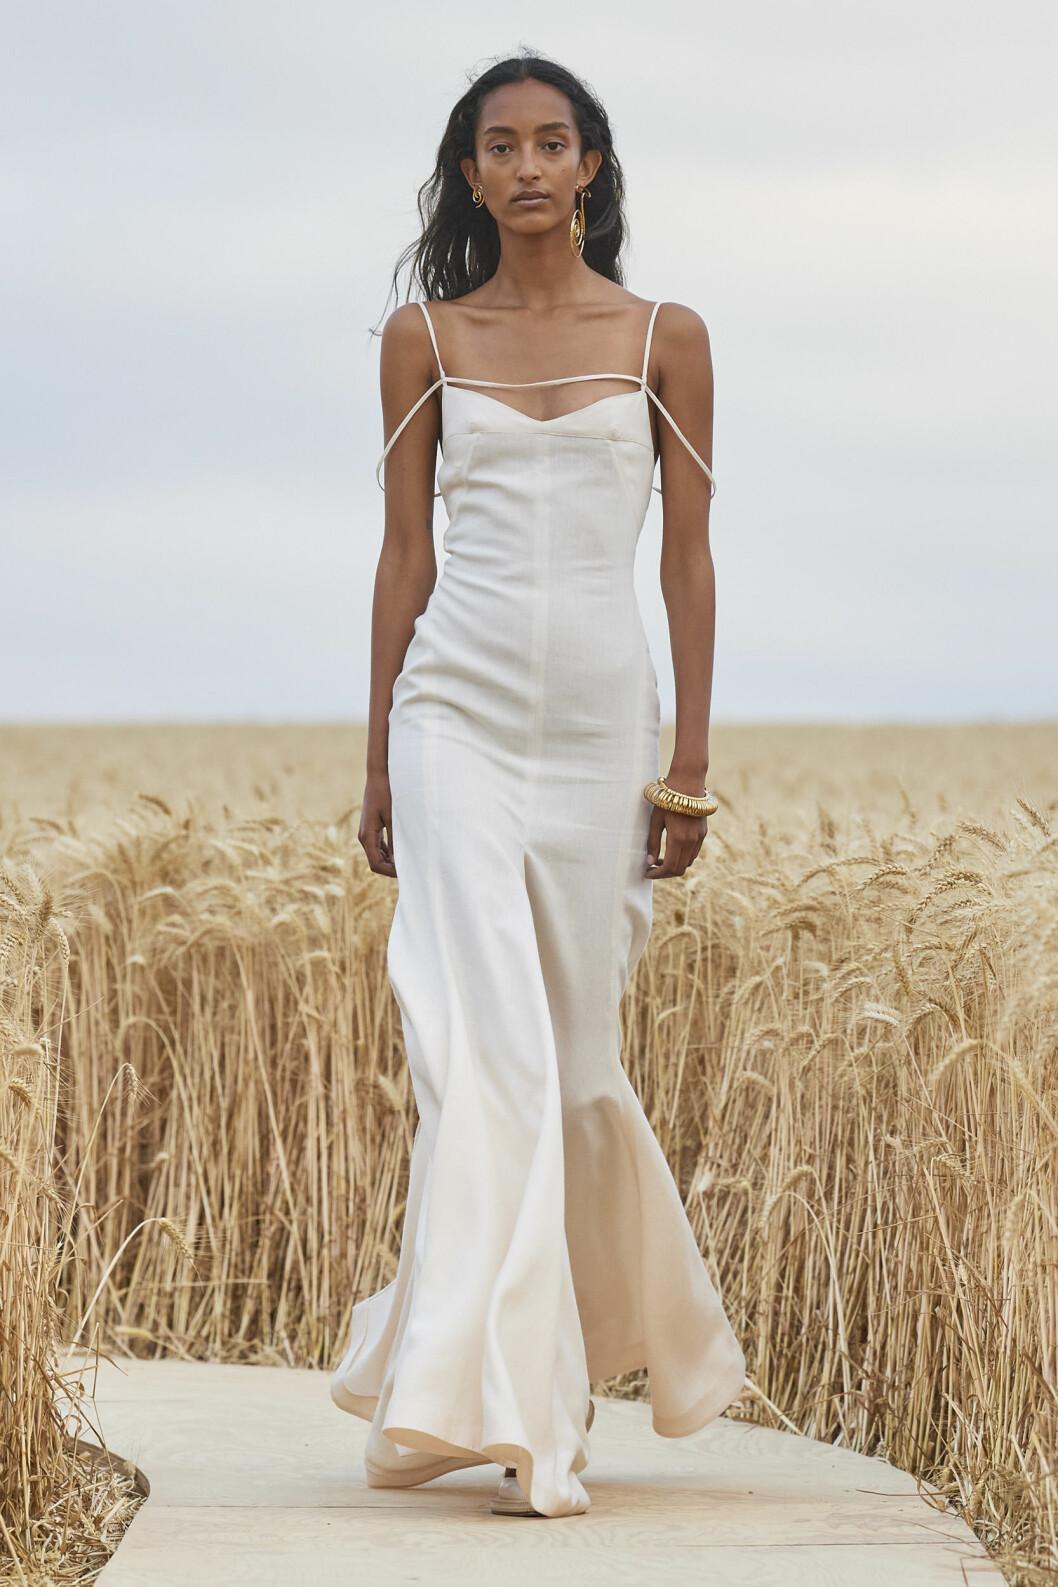 Vit klänning Jacquemus SS21 runway.